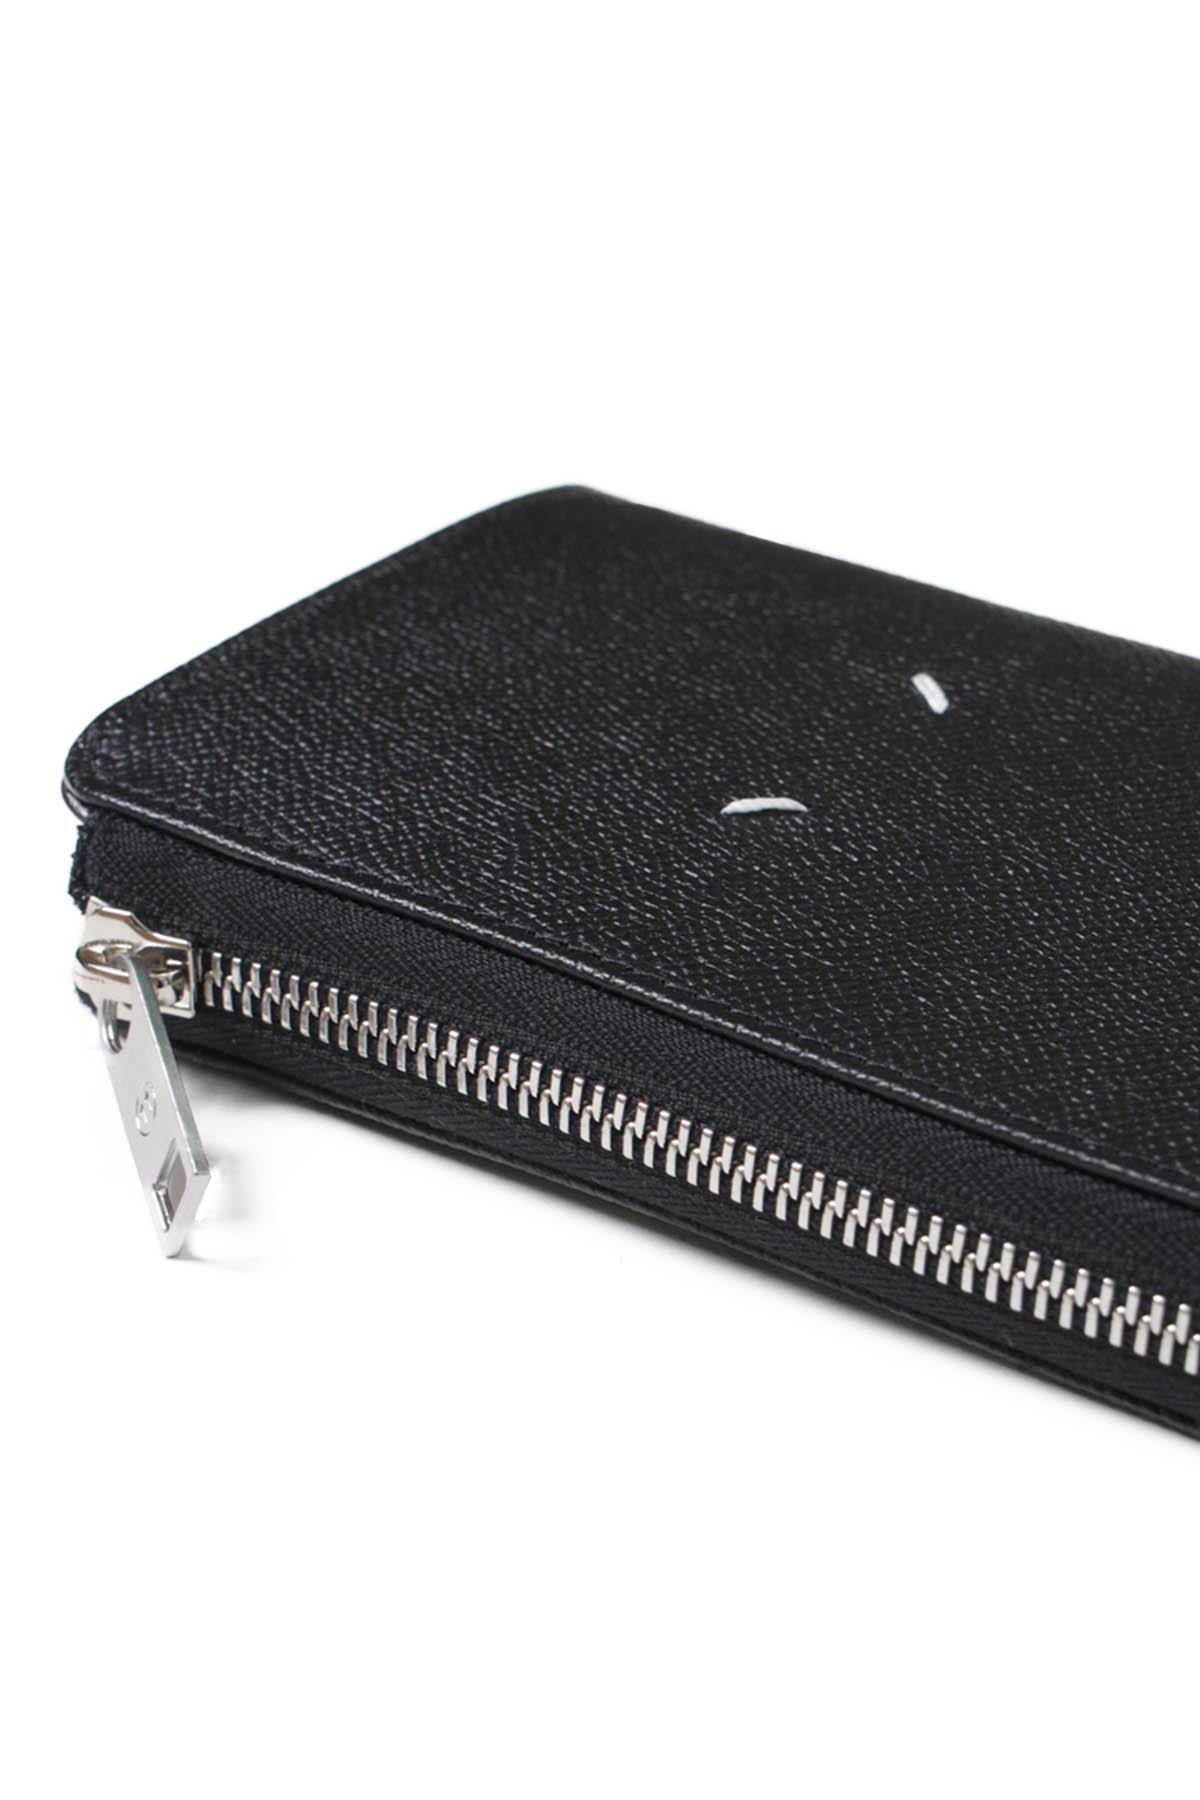 Zip Long Wallet [2021SS]